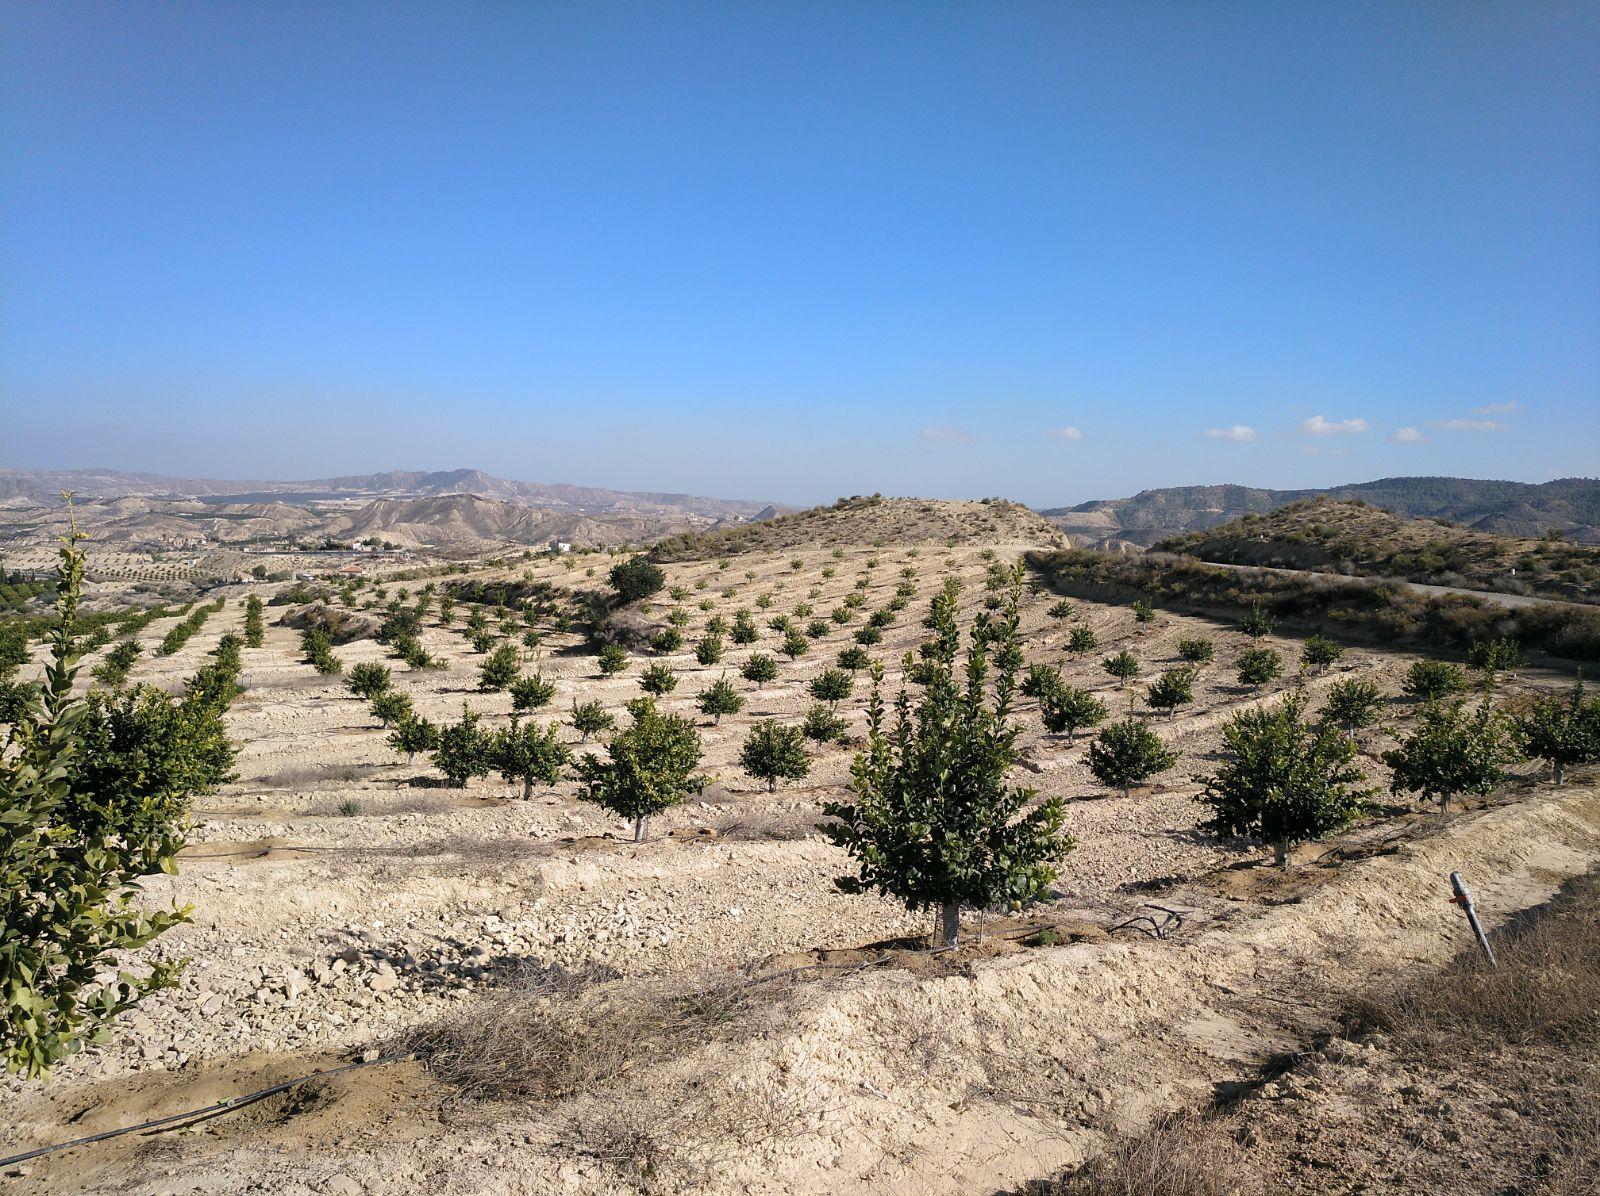 Superficie de nuevos regadíos para cítricos, en el entorno de Cabezo de la Plata (Cañadas de San Pedro, Murcia). Imagen: EEA